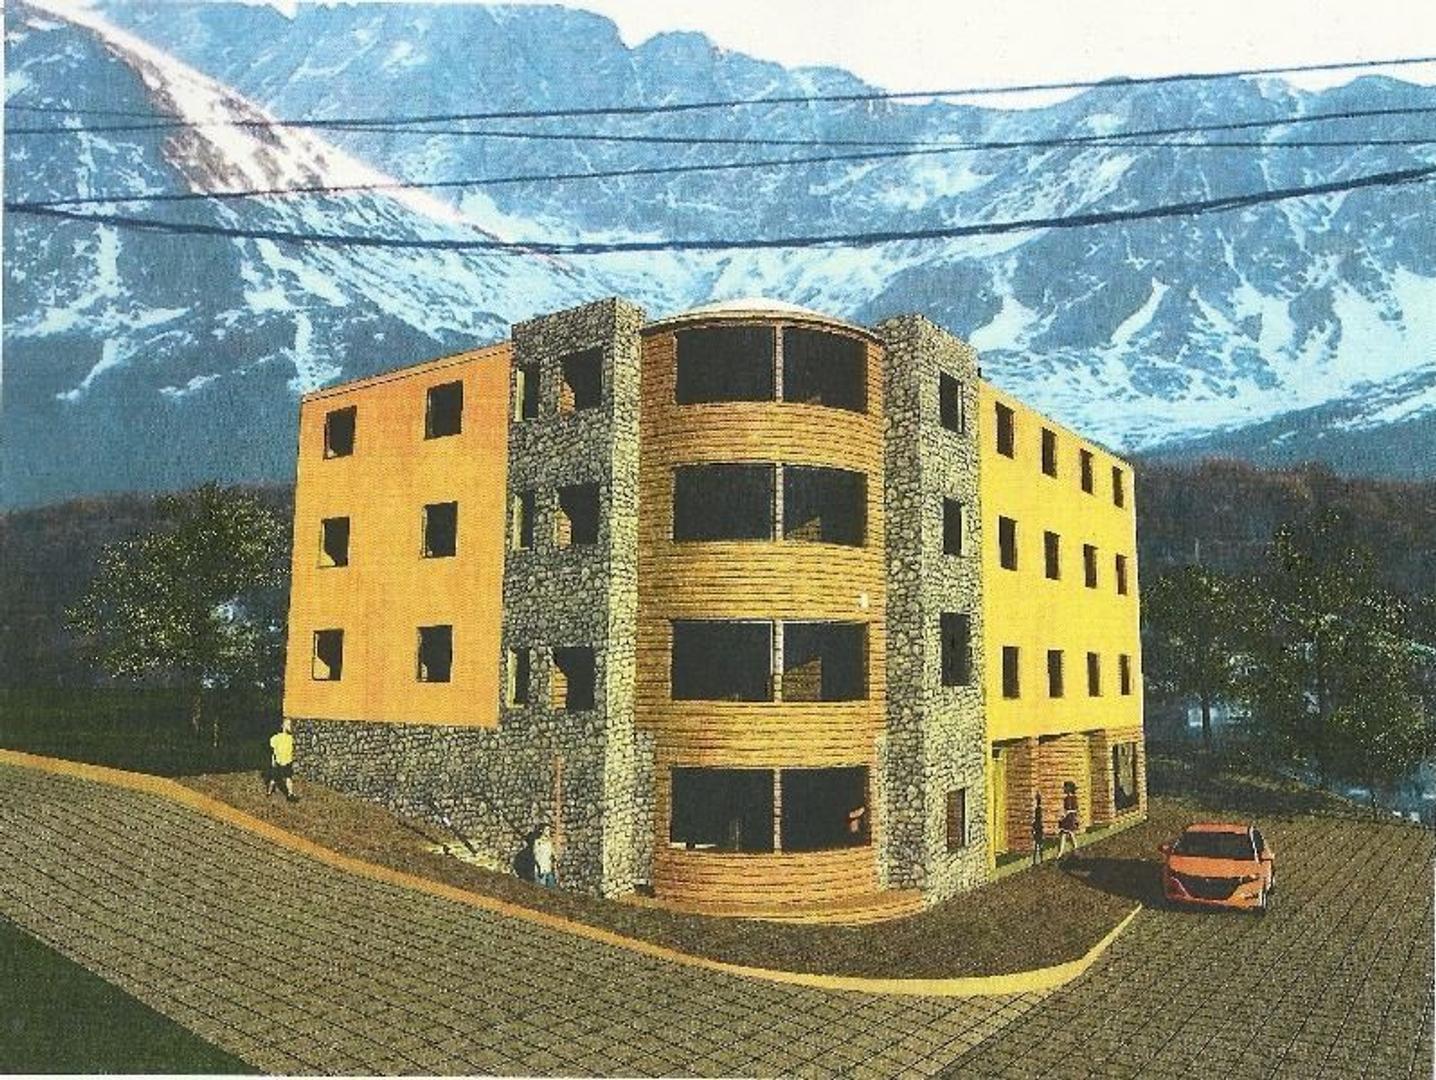 Negocio Especial en Venta en Ushuaia